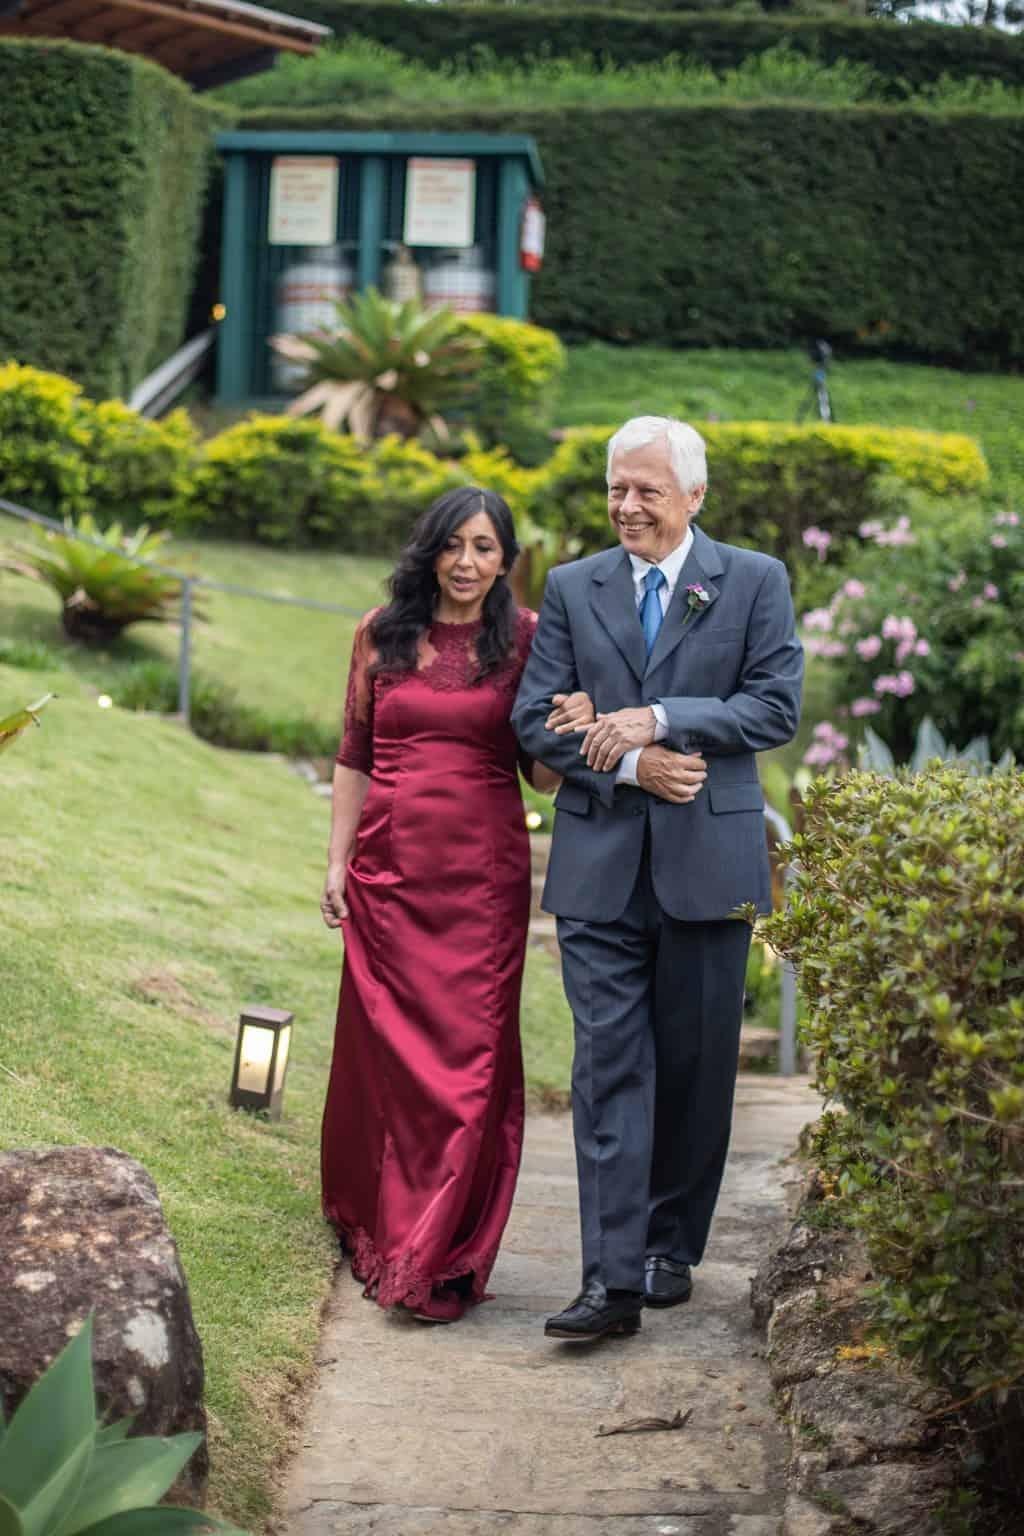 casamento-na-serra-cerimonia-ao-ar-livre-entrada-dos-padrinhos-Fotografia-Laura-Campanella-graviola-filmes-Juliana-e-Sebastian-Pousada-La-Belle-Bruna32